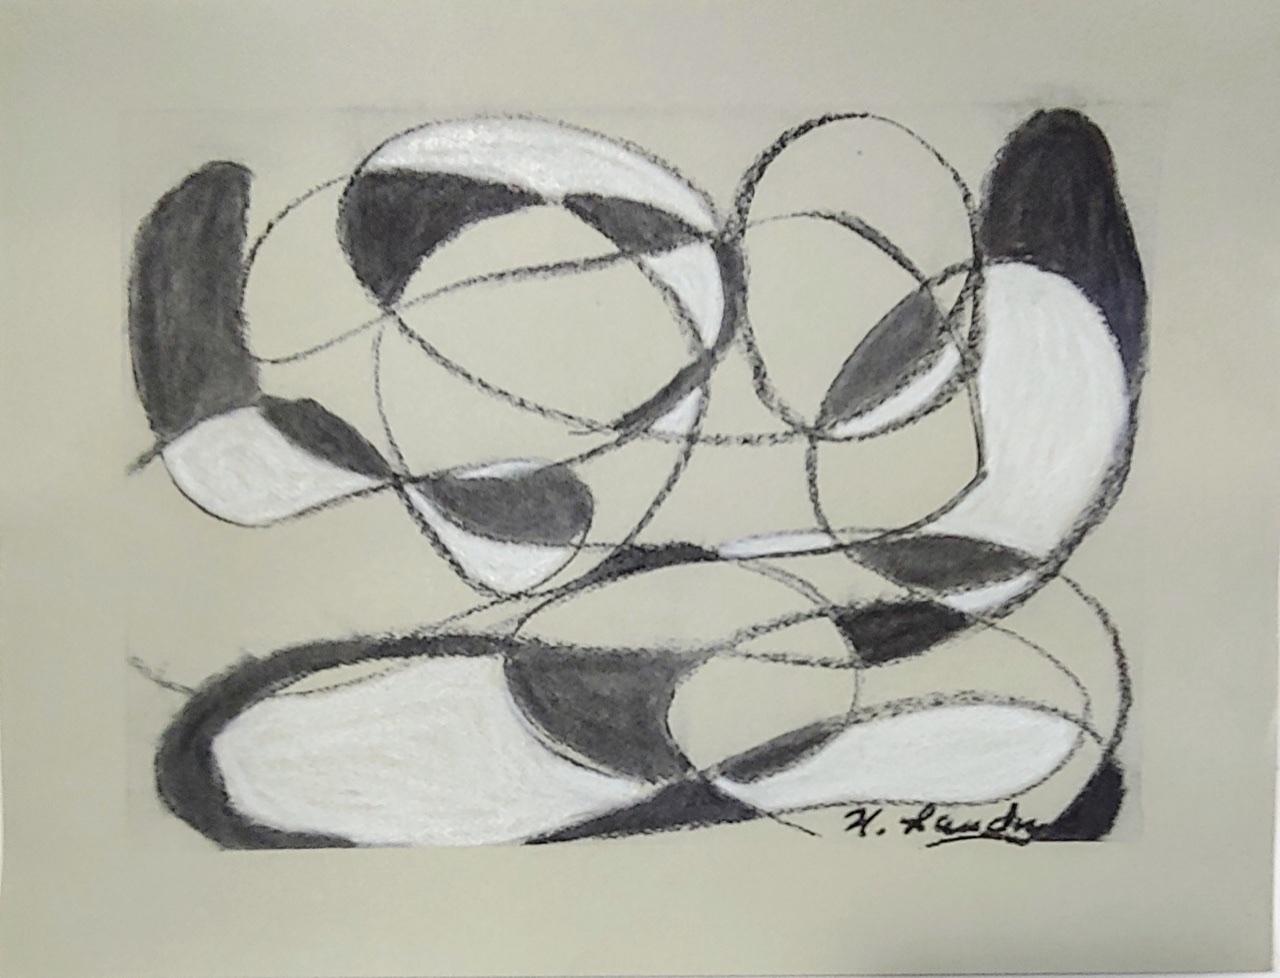 """<span style=""""color: #ff0000;""""><a style=""""color: #ff0000;"""" href=""""mailto:nathalielandry7@gmail.com?subject=Défi 15 dessins 15 semaines - Sans titre""""> Contacter l'artiste</a></span> Nathalie Landry - """"Sans titre"""" - 55$  (transaction directement avec l'artiste) - Fusain et pastel Papier pastel vert pâle fini texturé Strathmore 118g -  9x12 po encadré"""